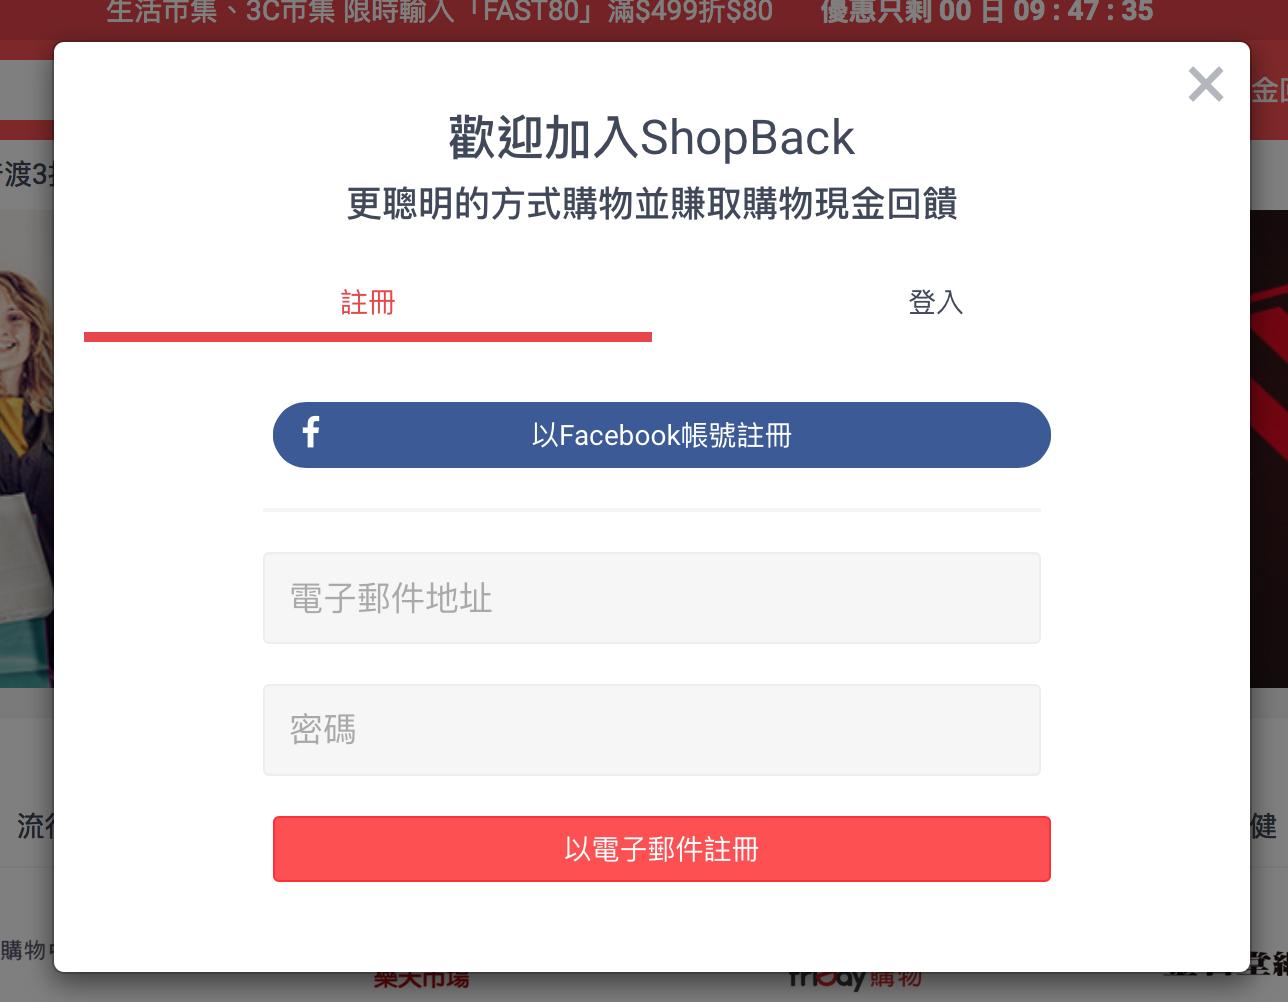 ShopBack註冊會員